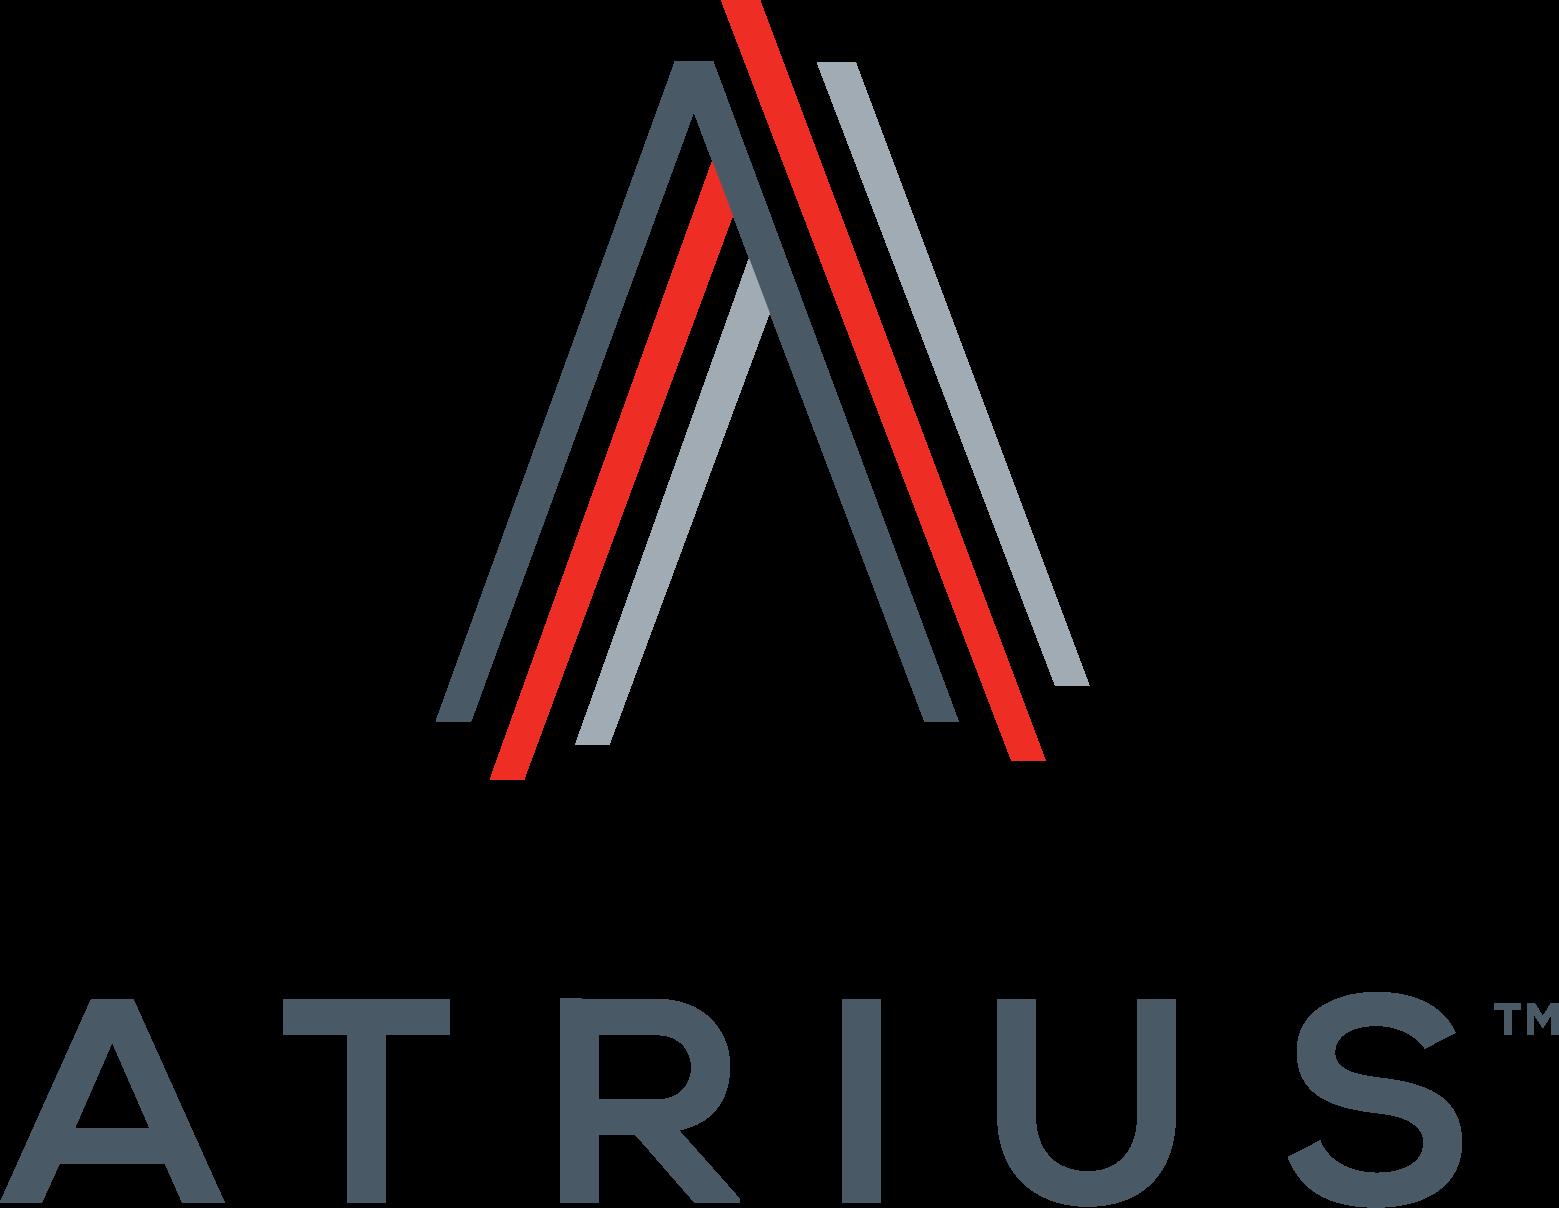 Atrius_vertical